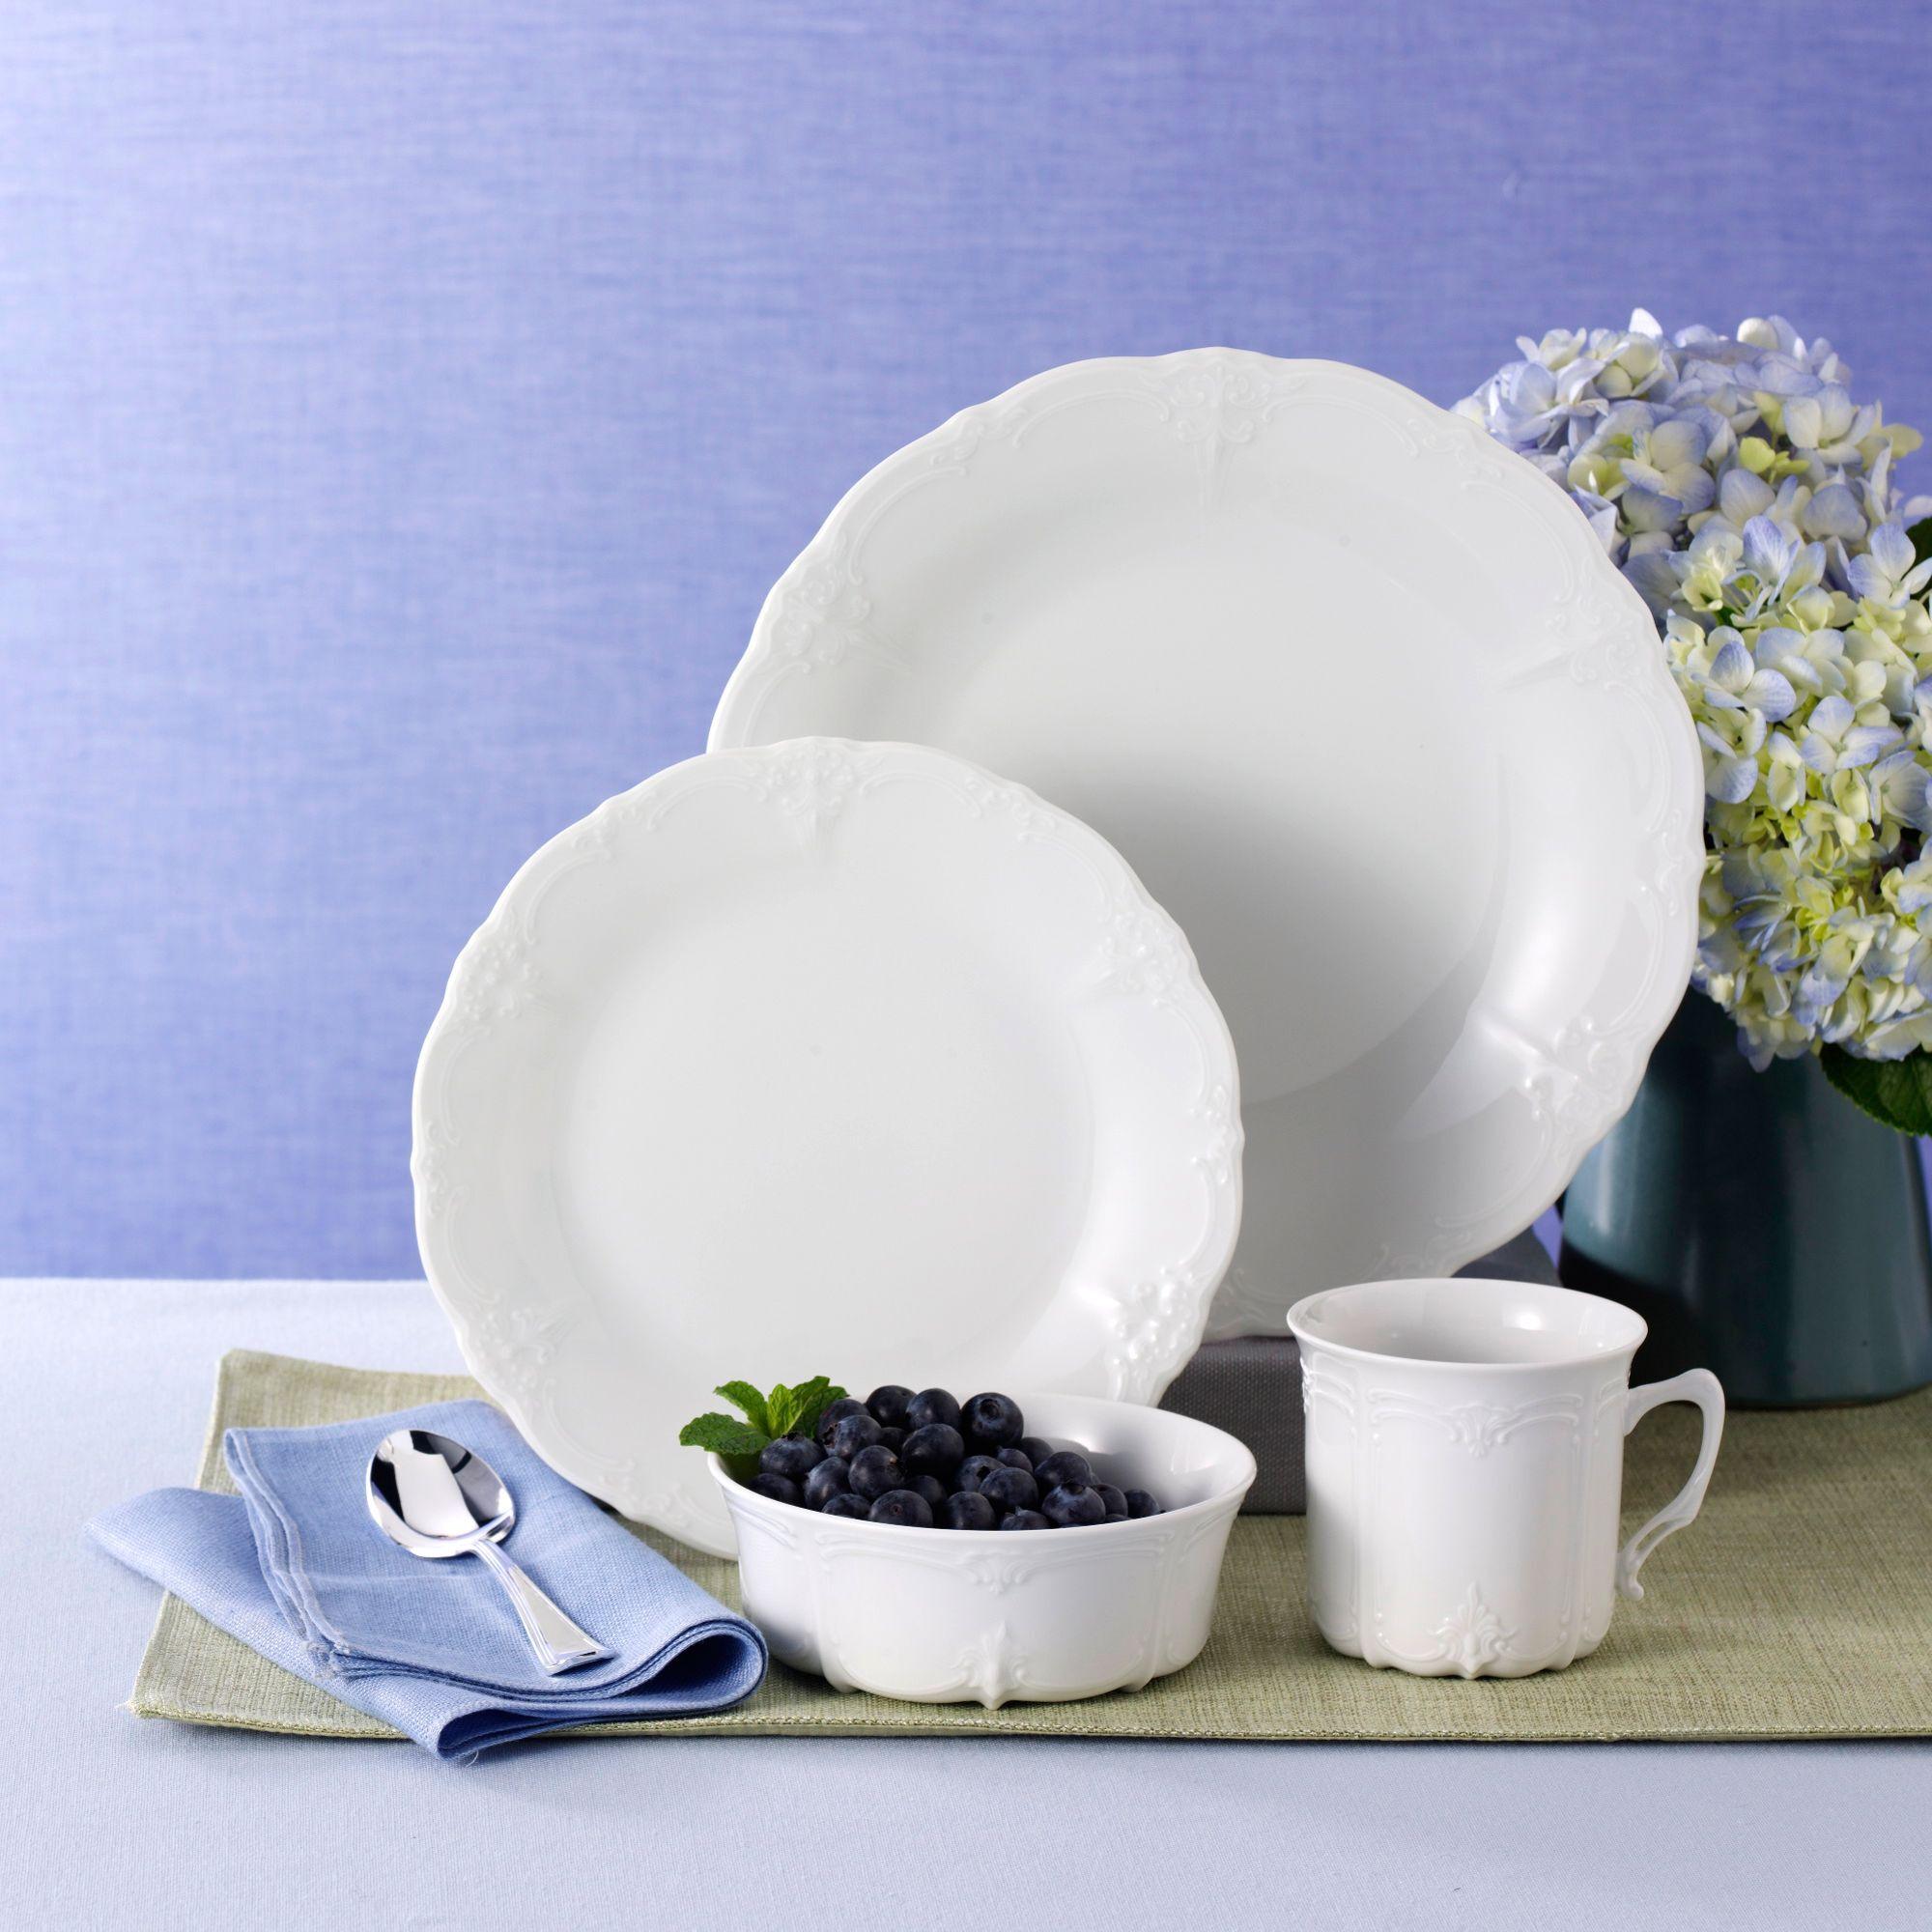 Hutschenreuther \u0026quot;Baronesse\u0026quot; White Porcelain Dinnerware  default & Hutschenreuther \